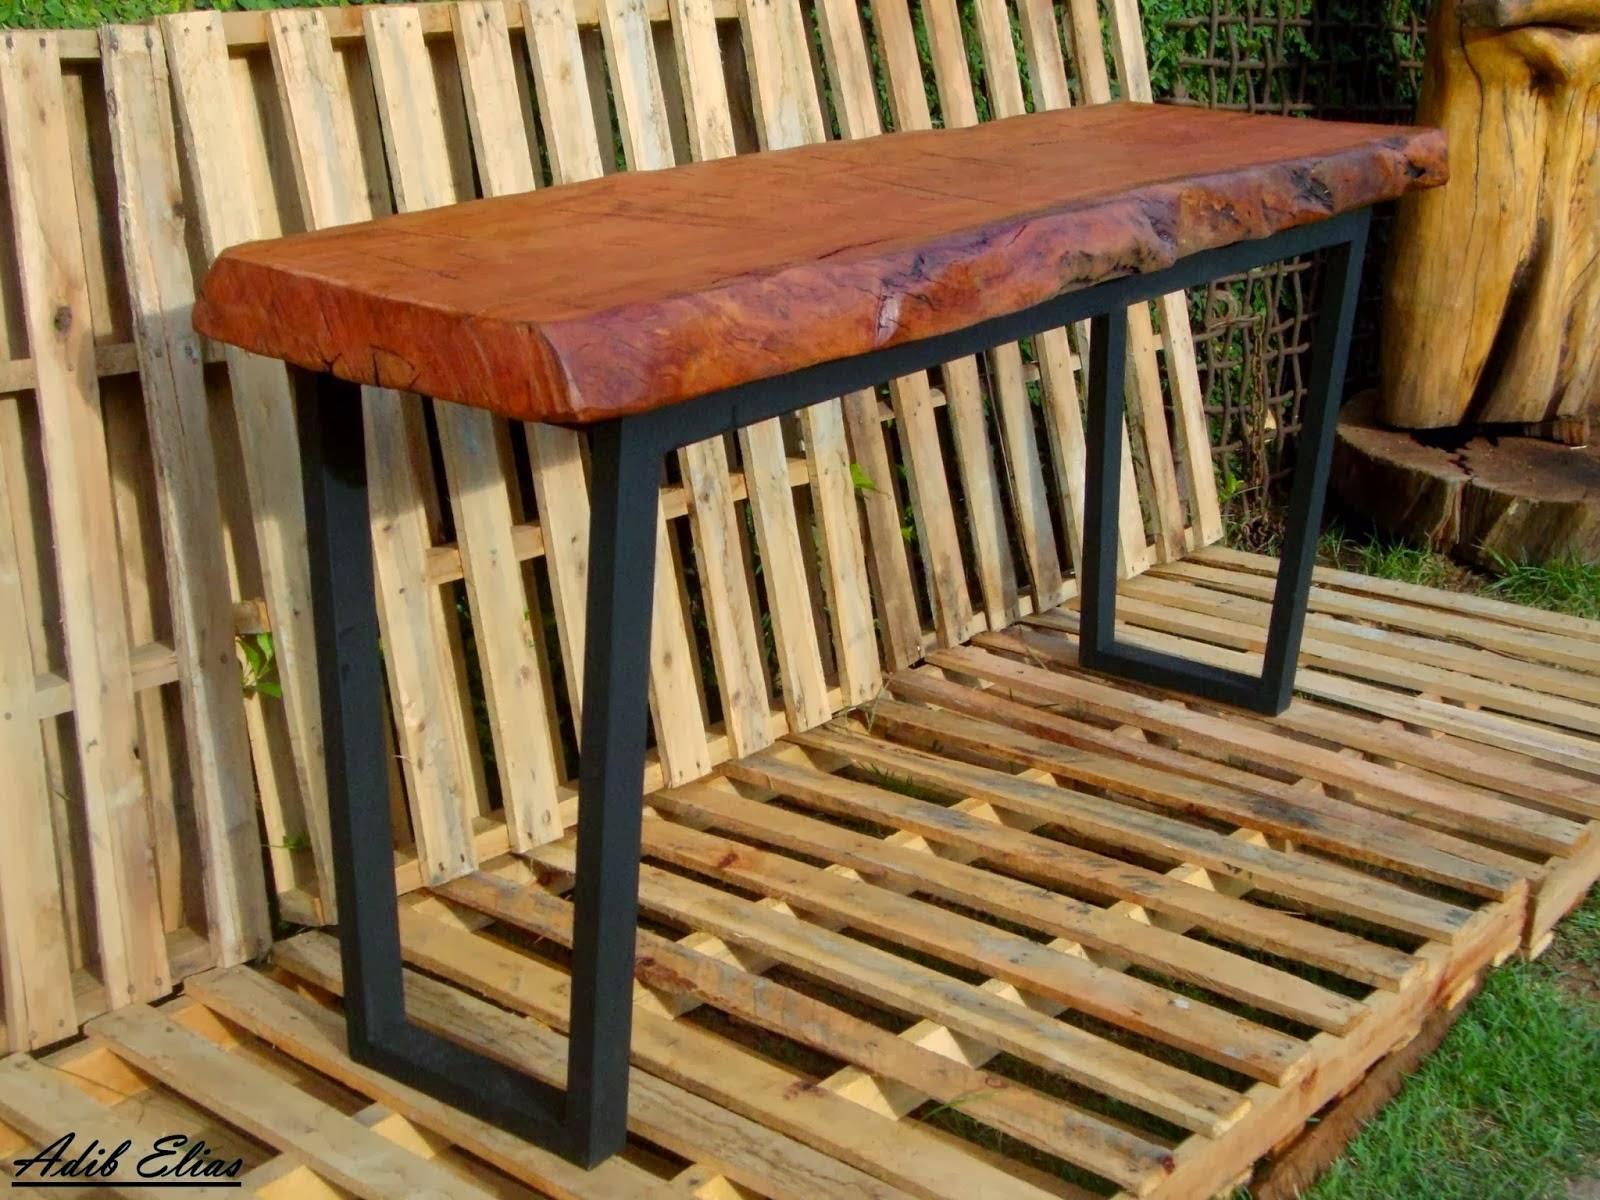 Aparador de madeira reciclada com base de pés de máquina de costura  #A87723 1600x1200